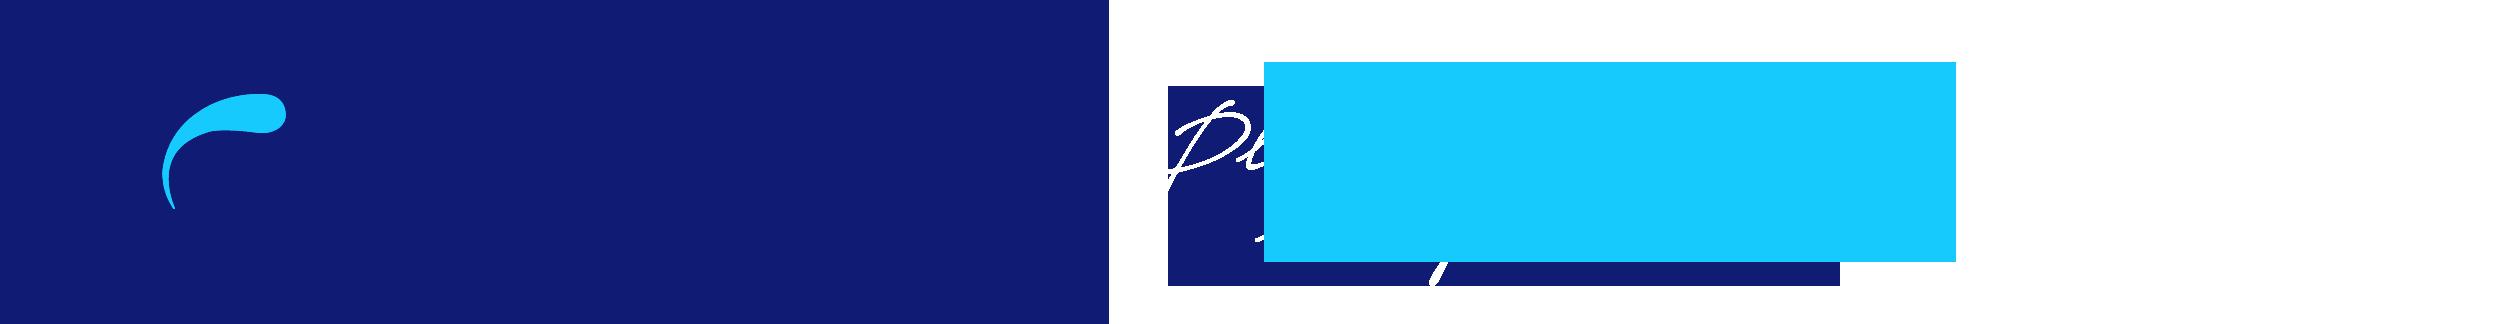 Club Nautique de Saint-Michel sur Orge